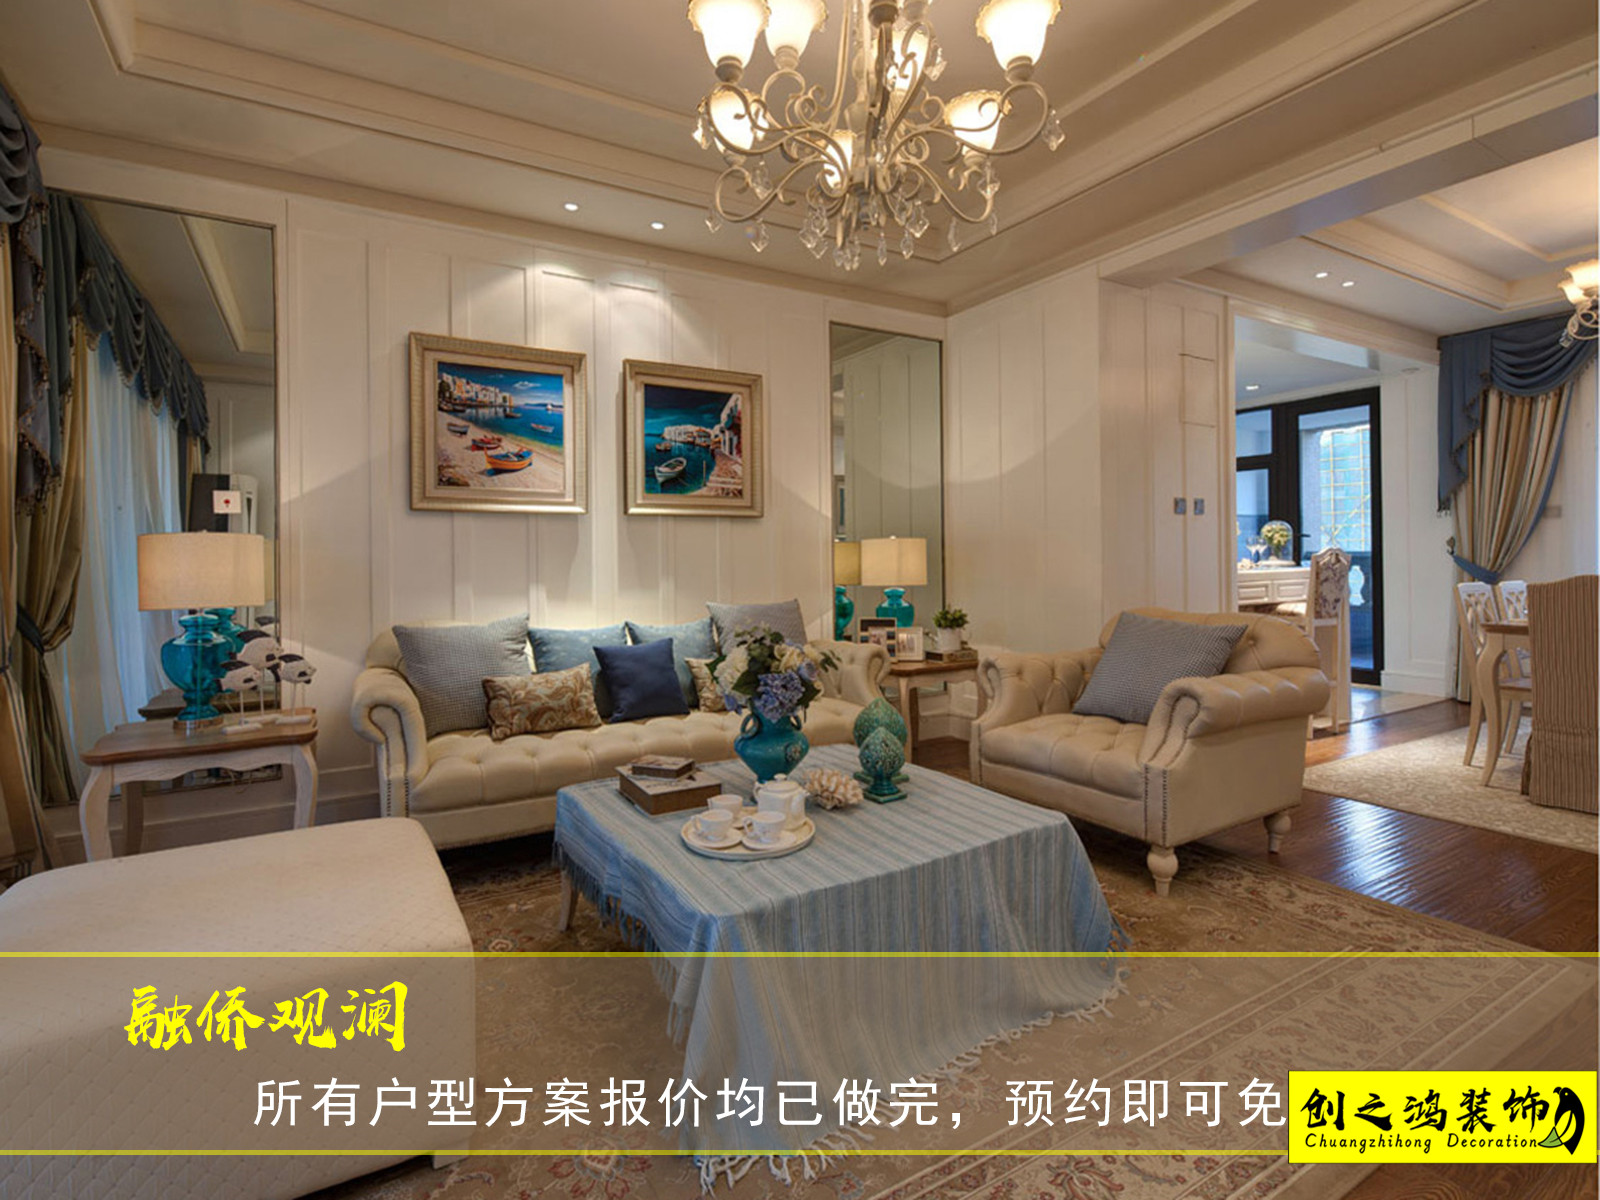 137㎡融侨观澜三室两厅美式风格装修效果图